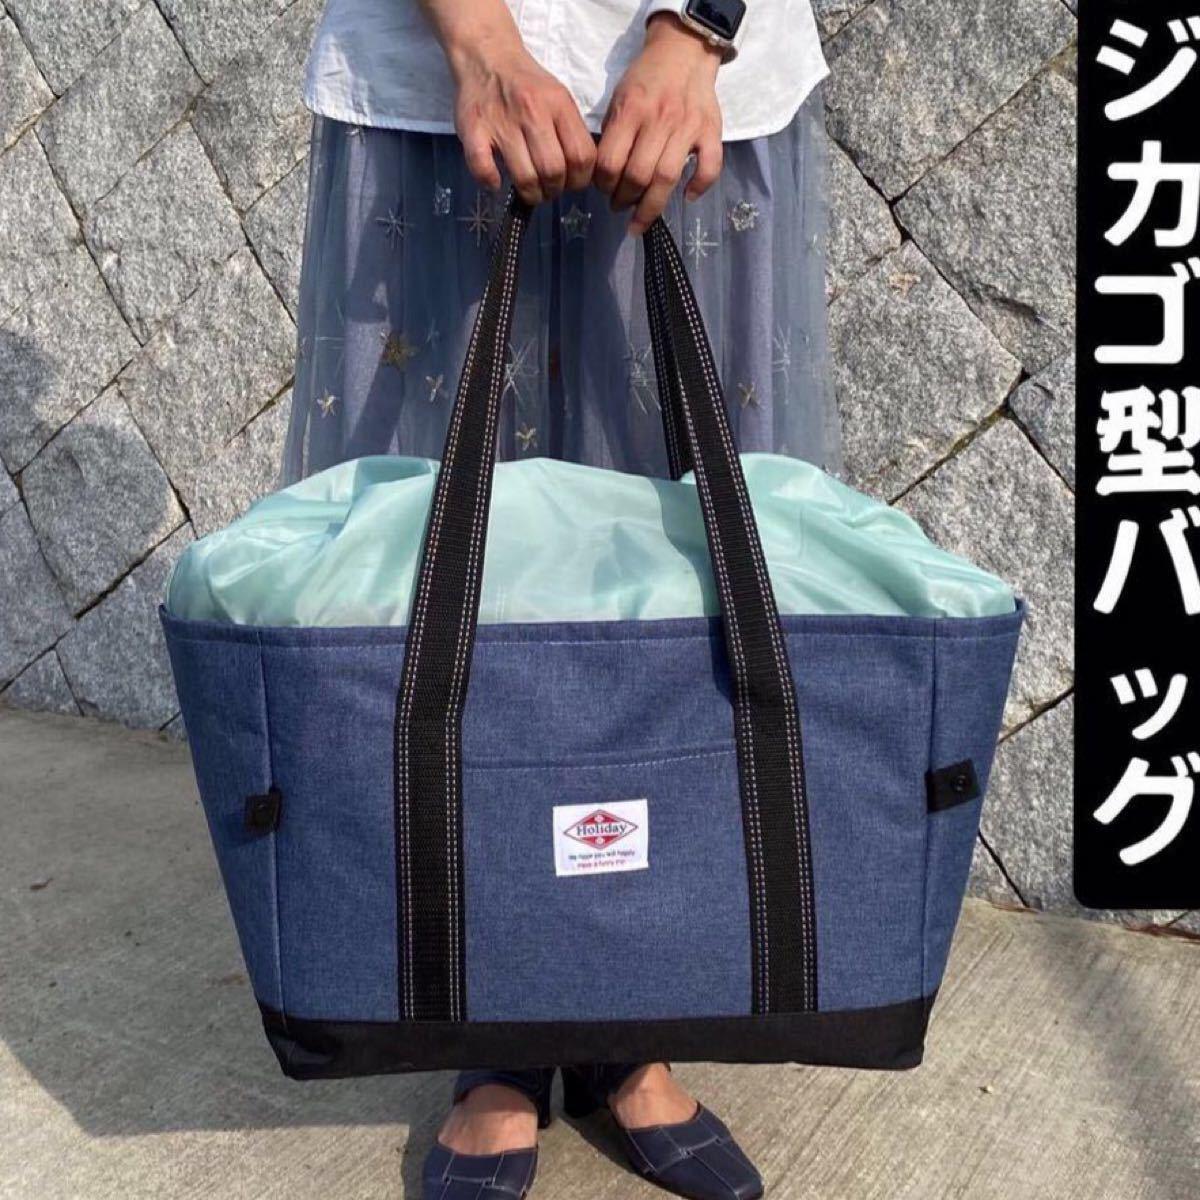 レジカゴバッグ 保冷 大容量 エコバッグ コンビニバッグ 当日発送 ブルー